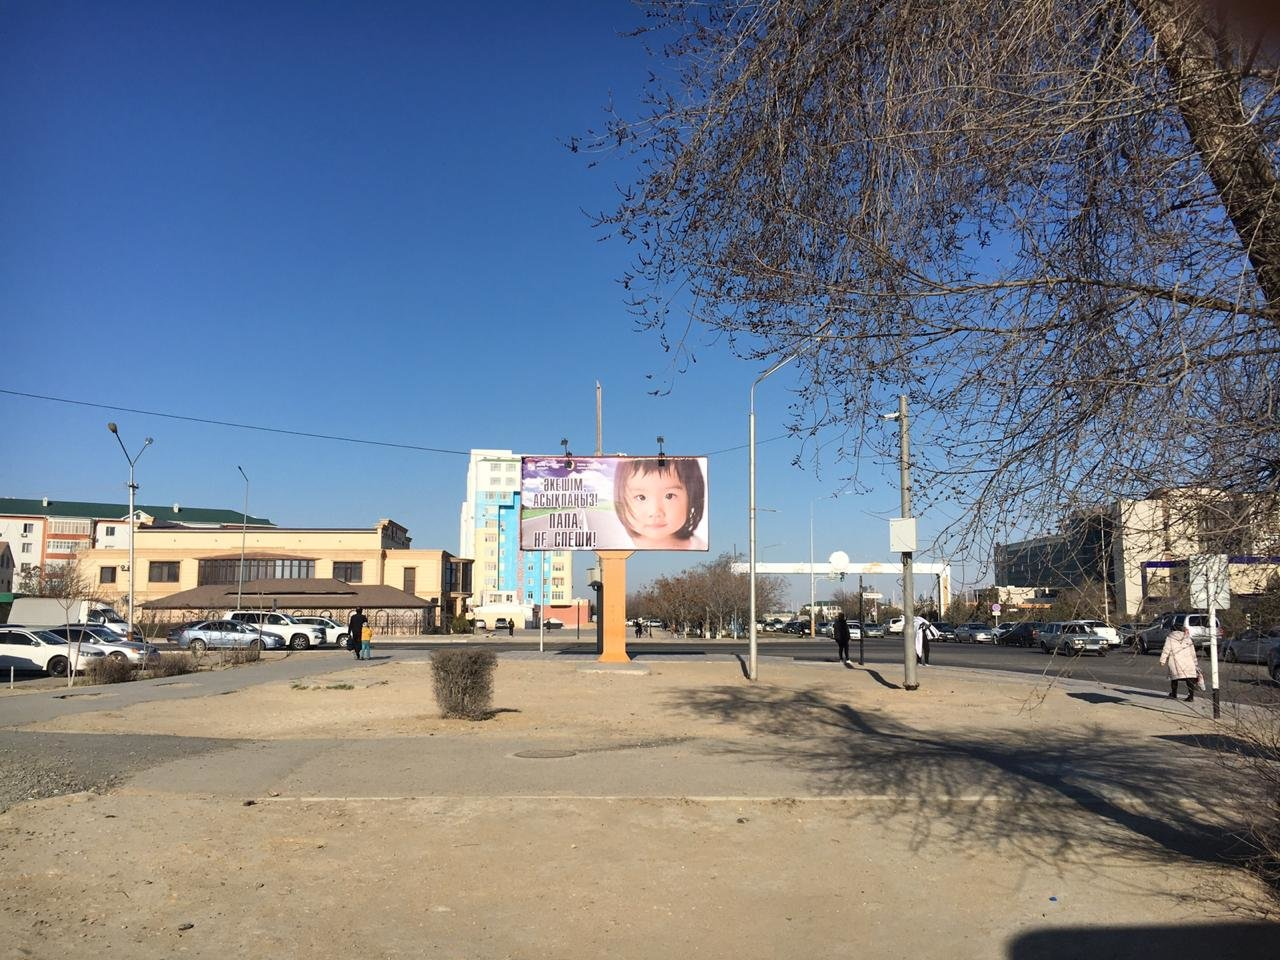 В Актау полиция установила билборды, призывающие к соблюдению ПДД, фото-4